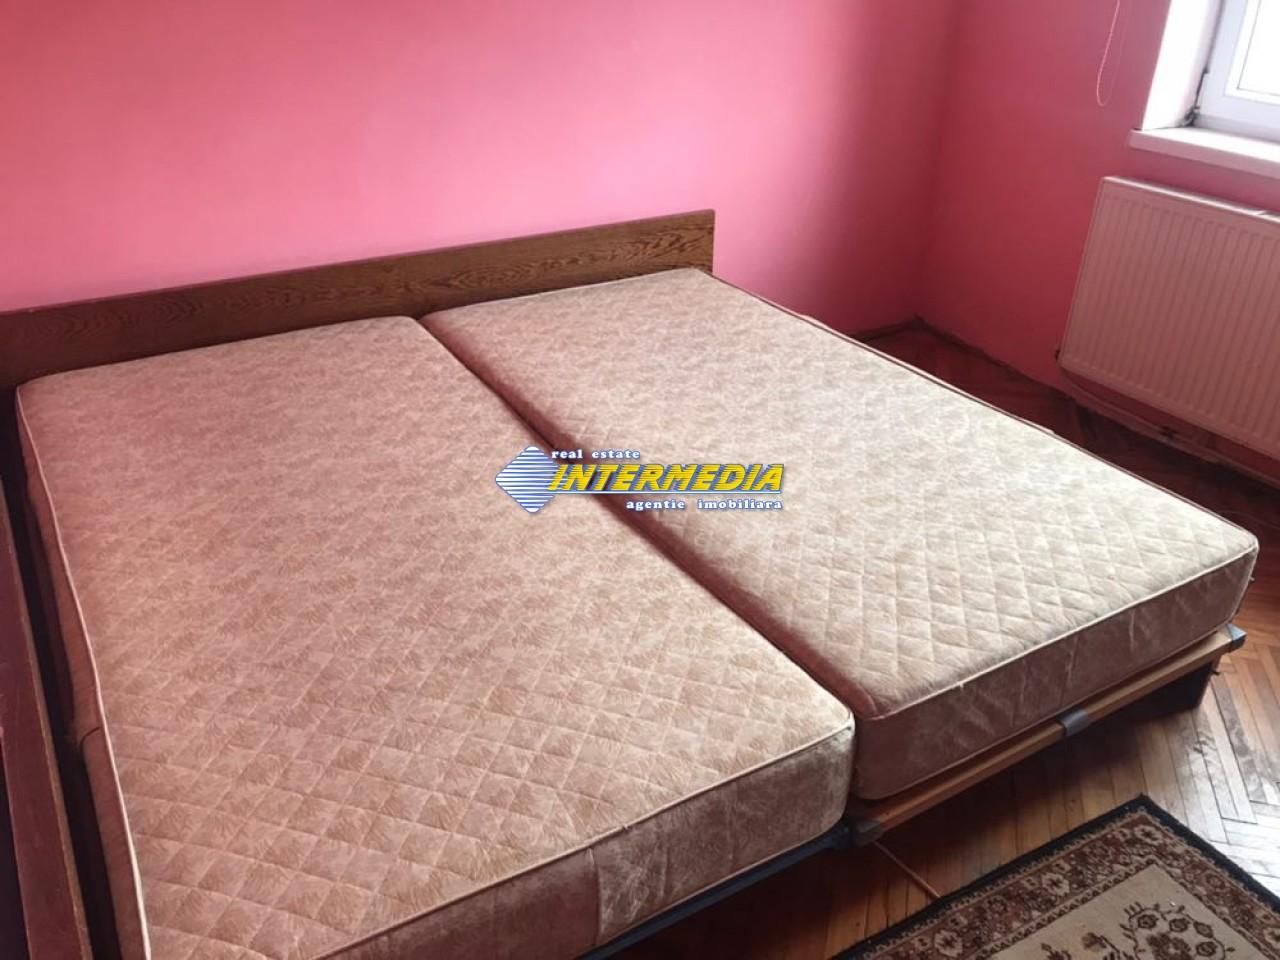 3 camere decomandat de Inchiriat in Cetate Alba Iulia-25574-10